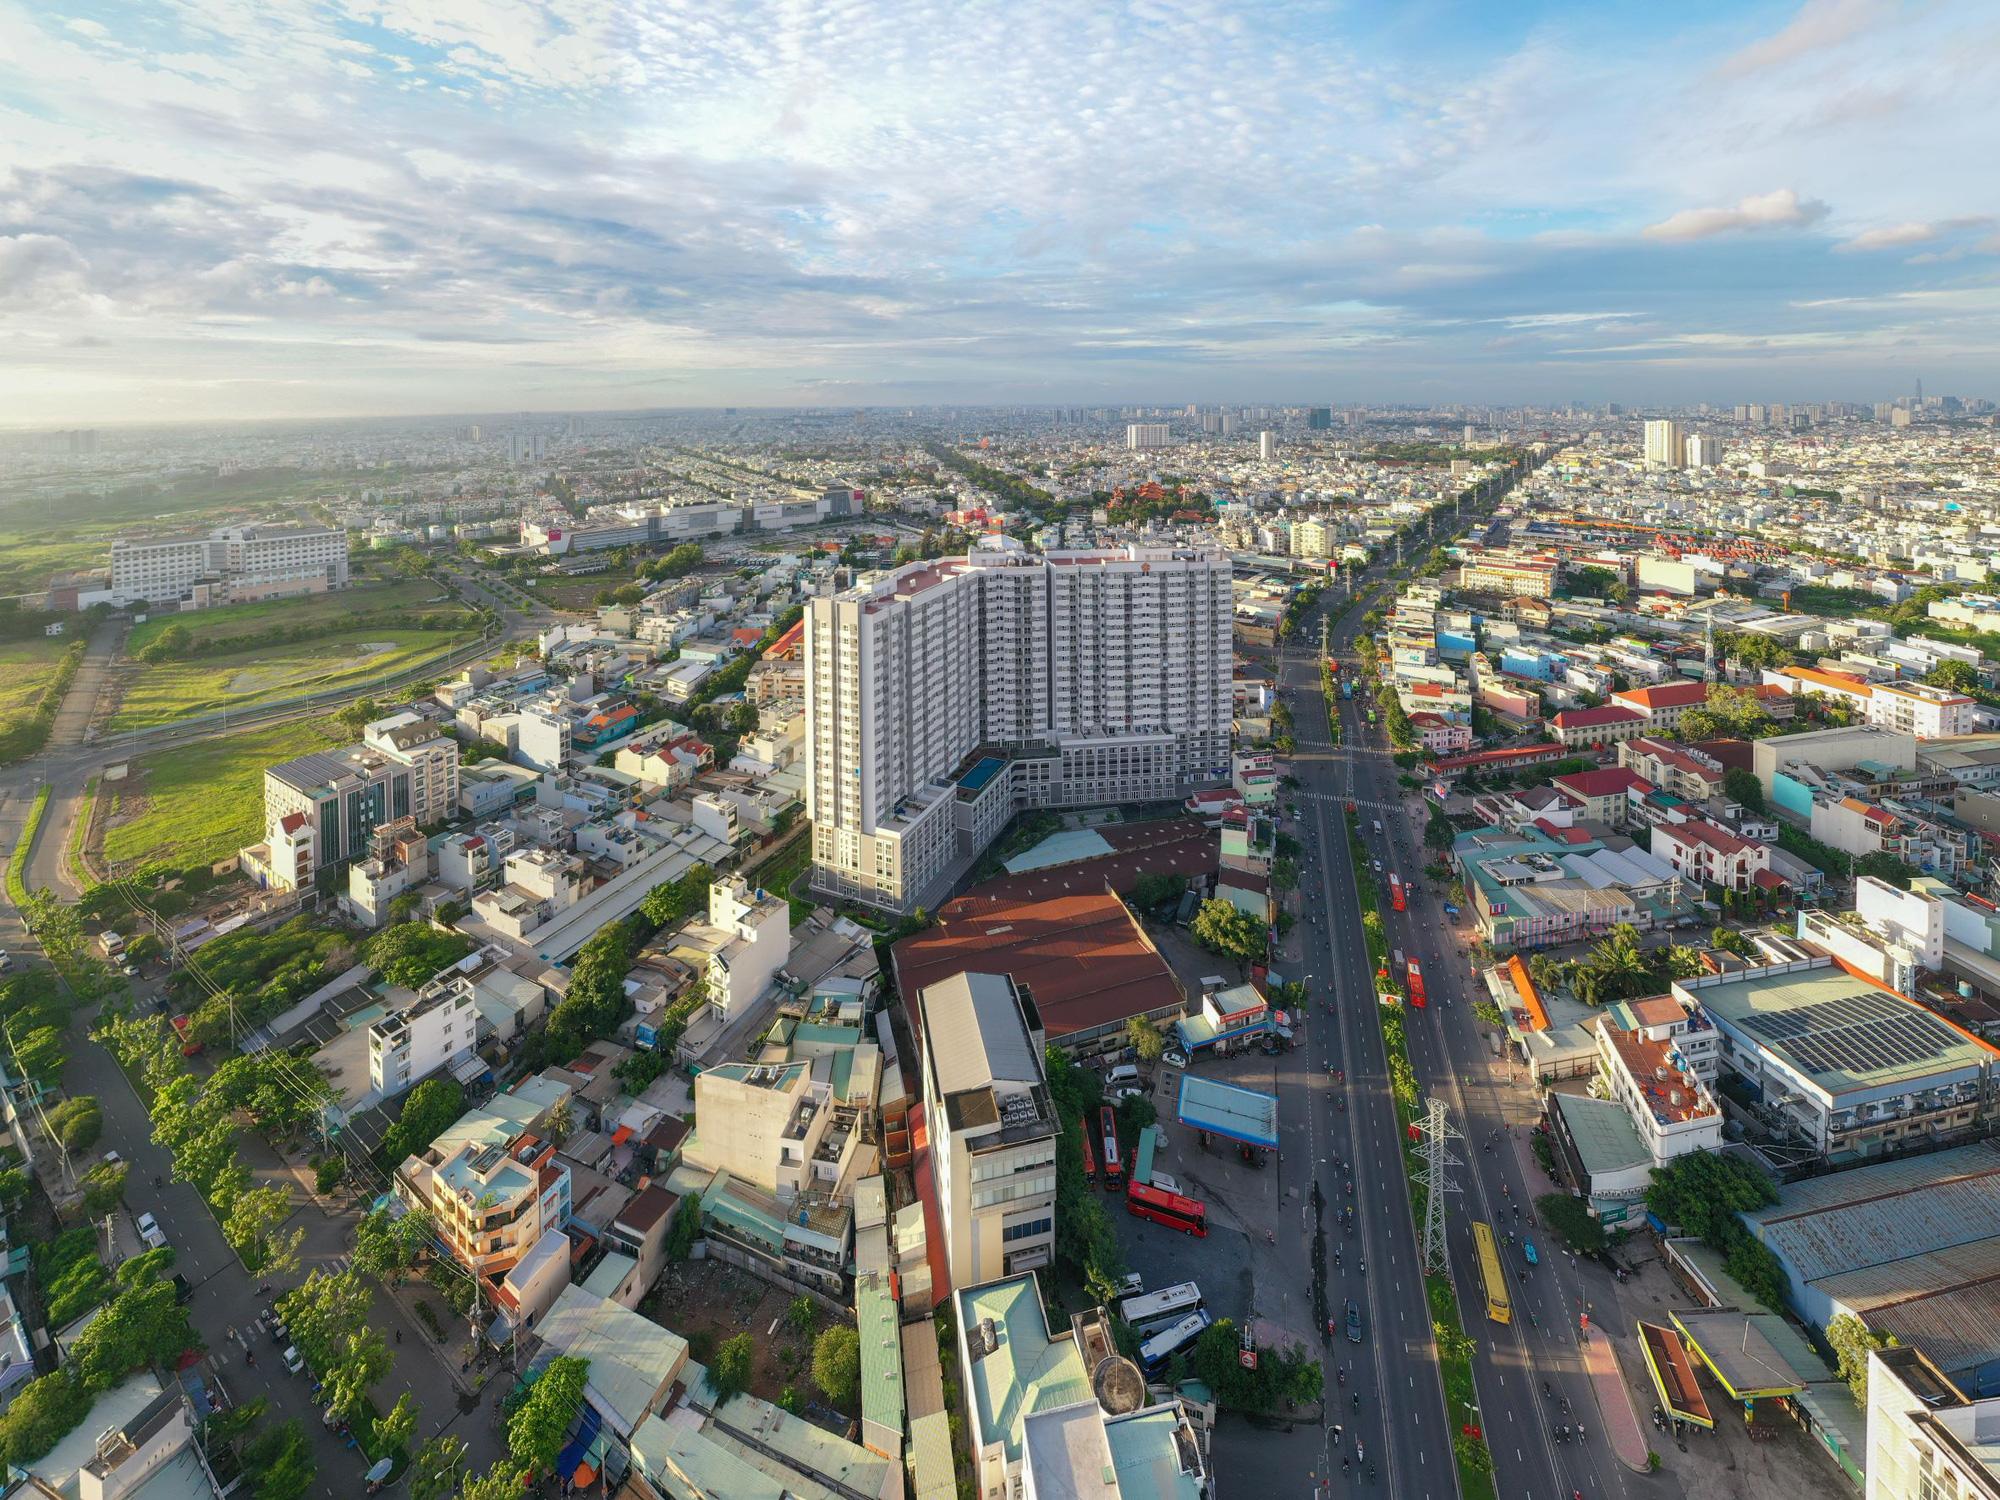 Thêm một dự án của căn hộ tầm trung của Hưng Thịnh tại TP HCM - Ảnh 1.